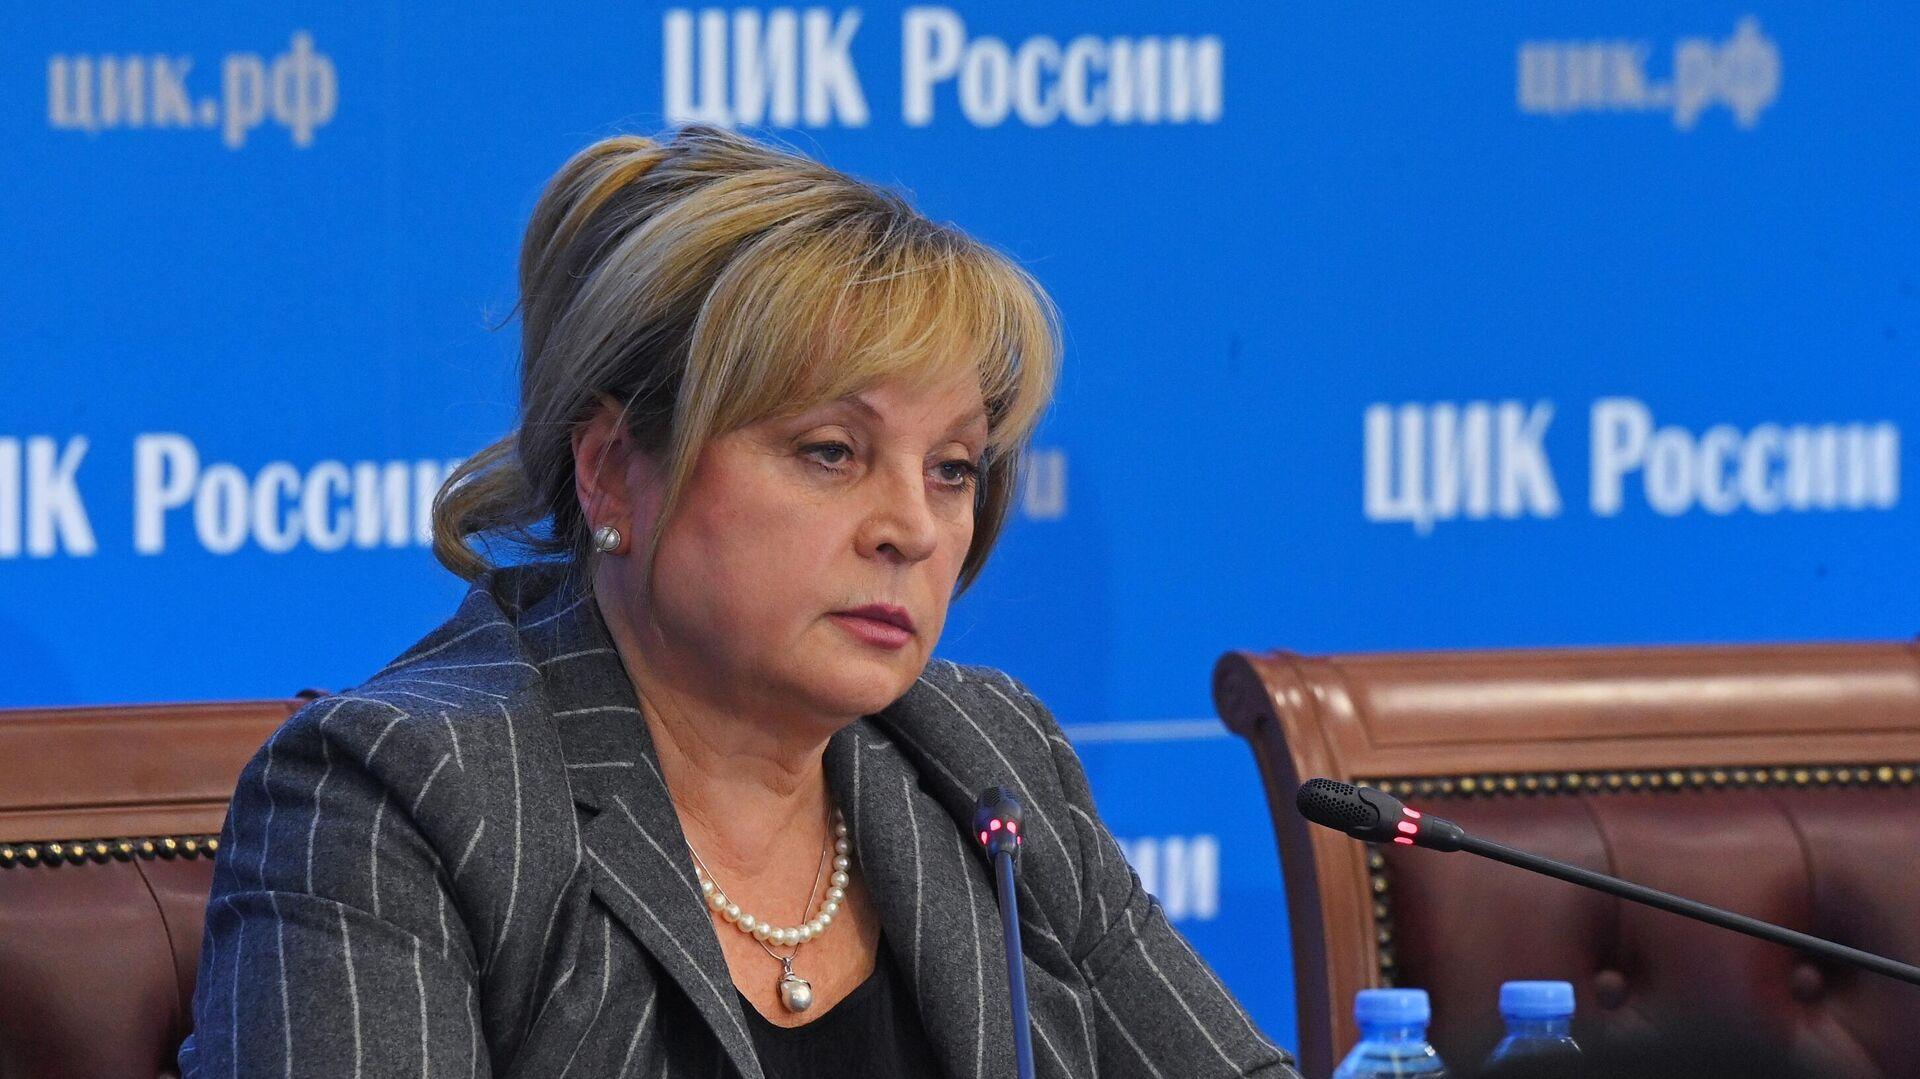 ЦИК обязал освободить от должности председателей двух ТИК в Петербурге